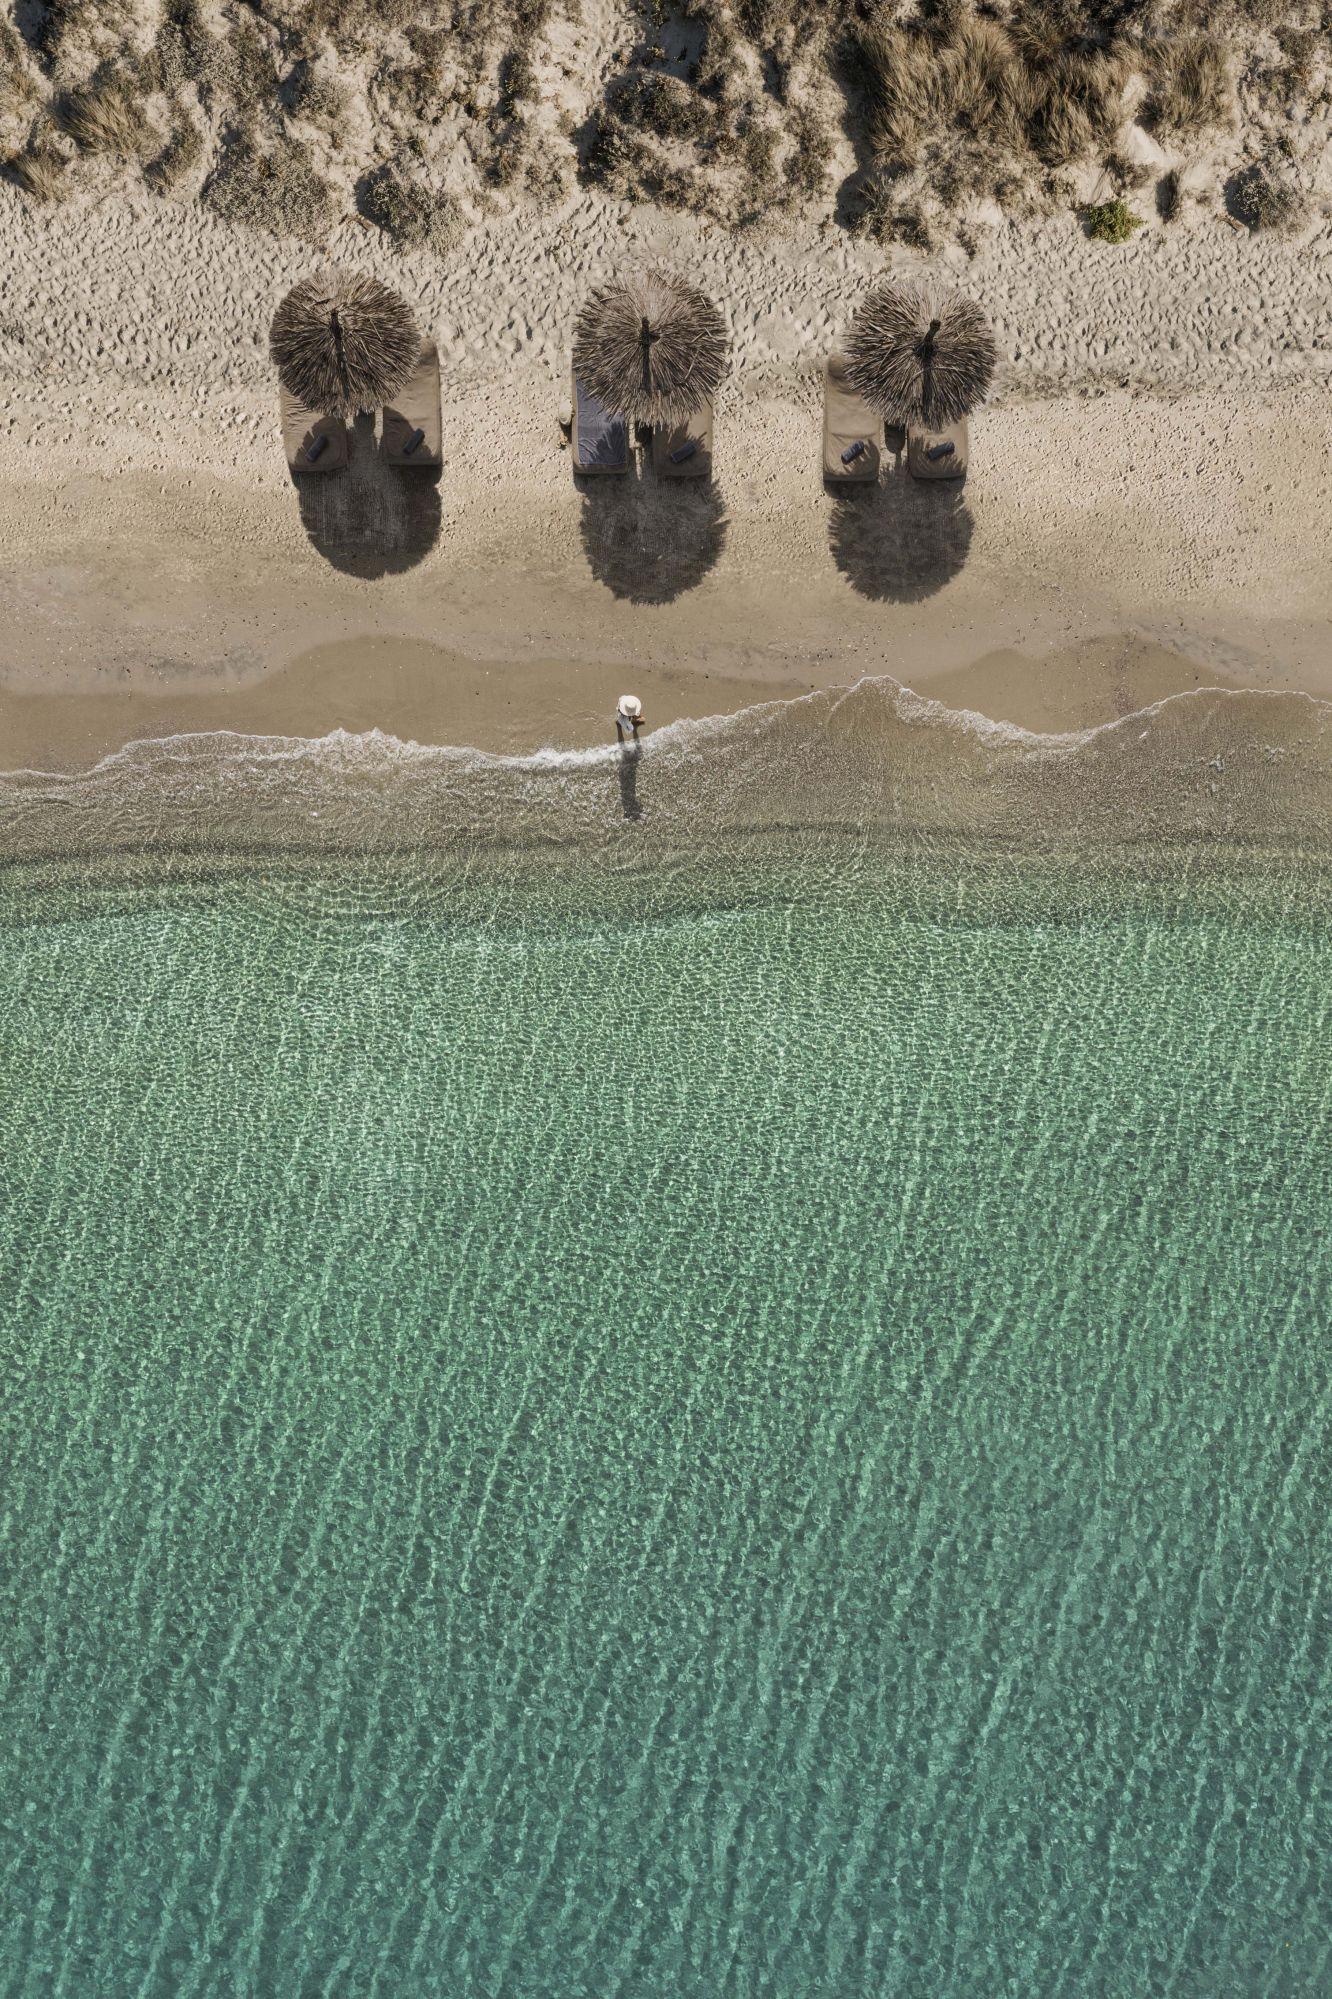 Αυτή η παραλία διαθέτει κρεβάτια και καμπάνες μόνο για επισκέπτες του ξενοδοχείου (Φωτογραφία: George Roske)